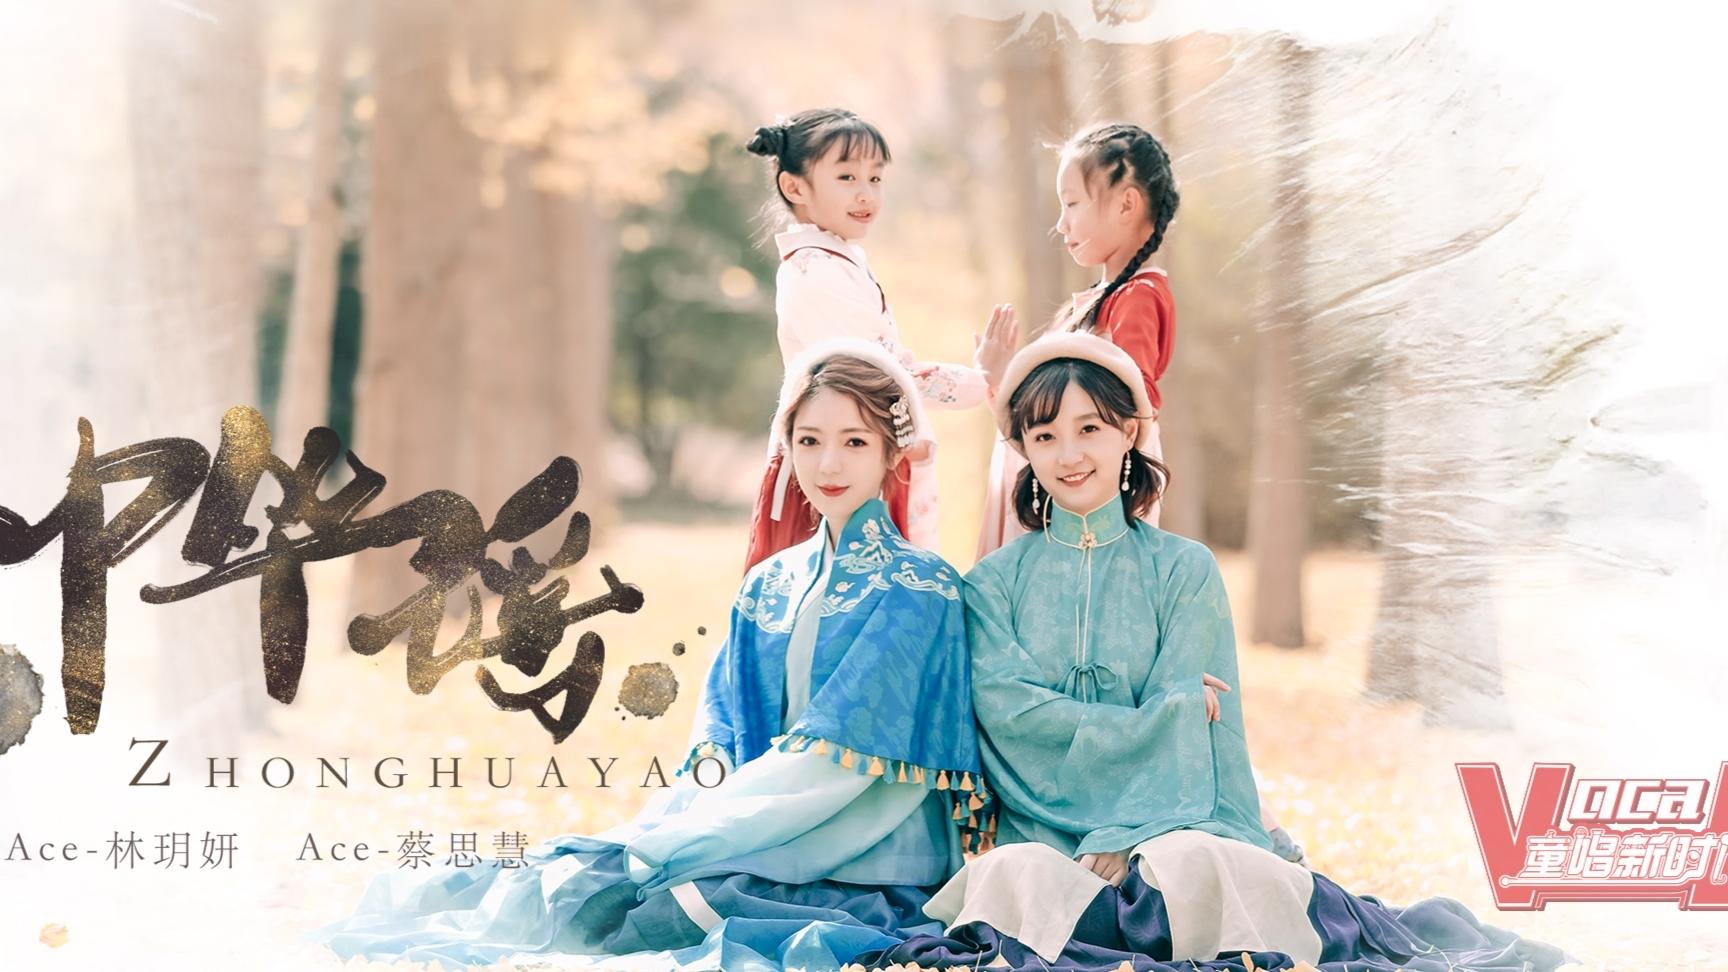 """Ace组合""""童唱新时代""""国风单曲《中华谣》温情上线"""